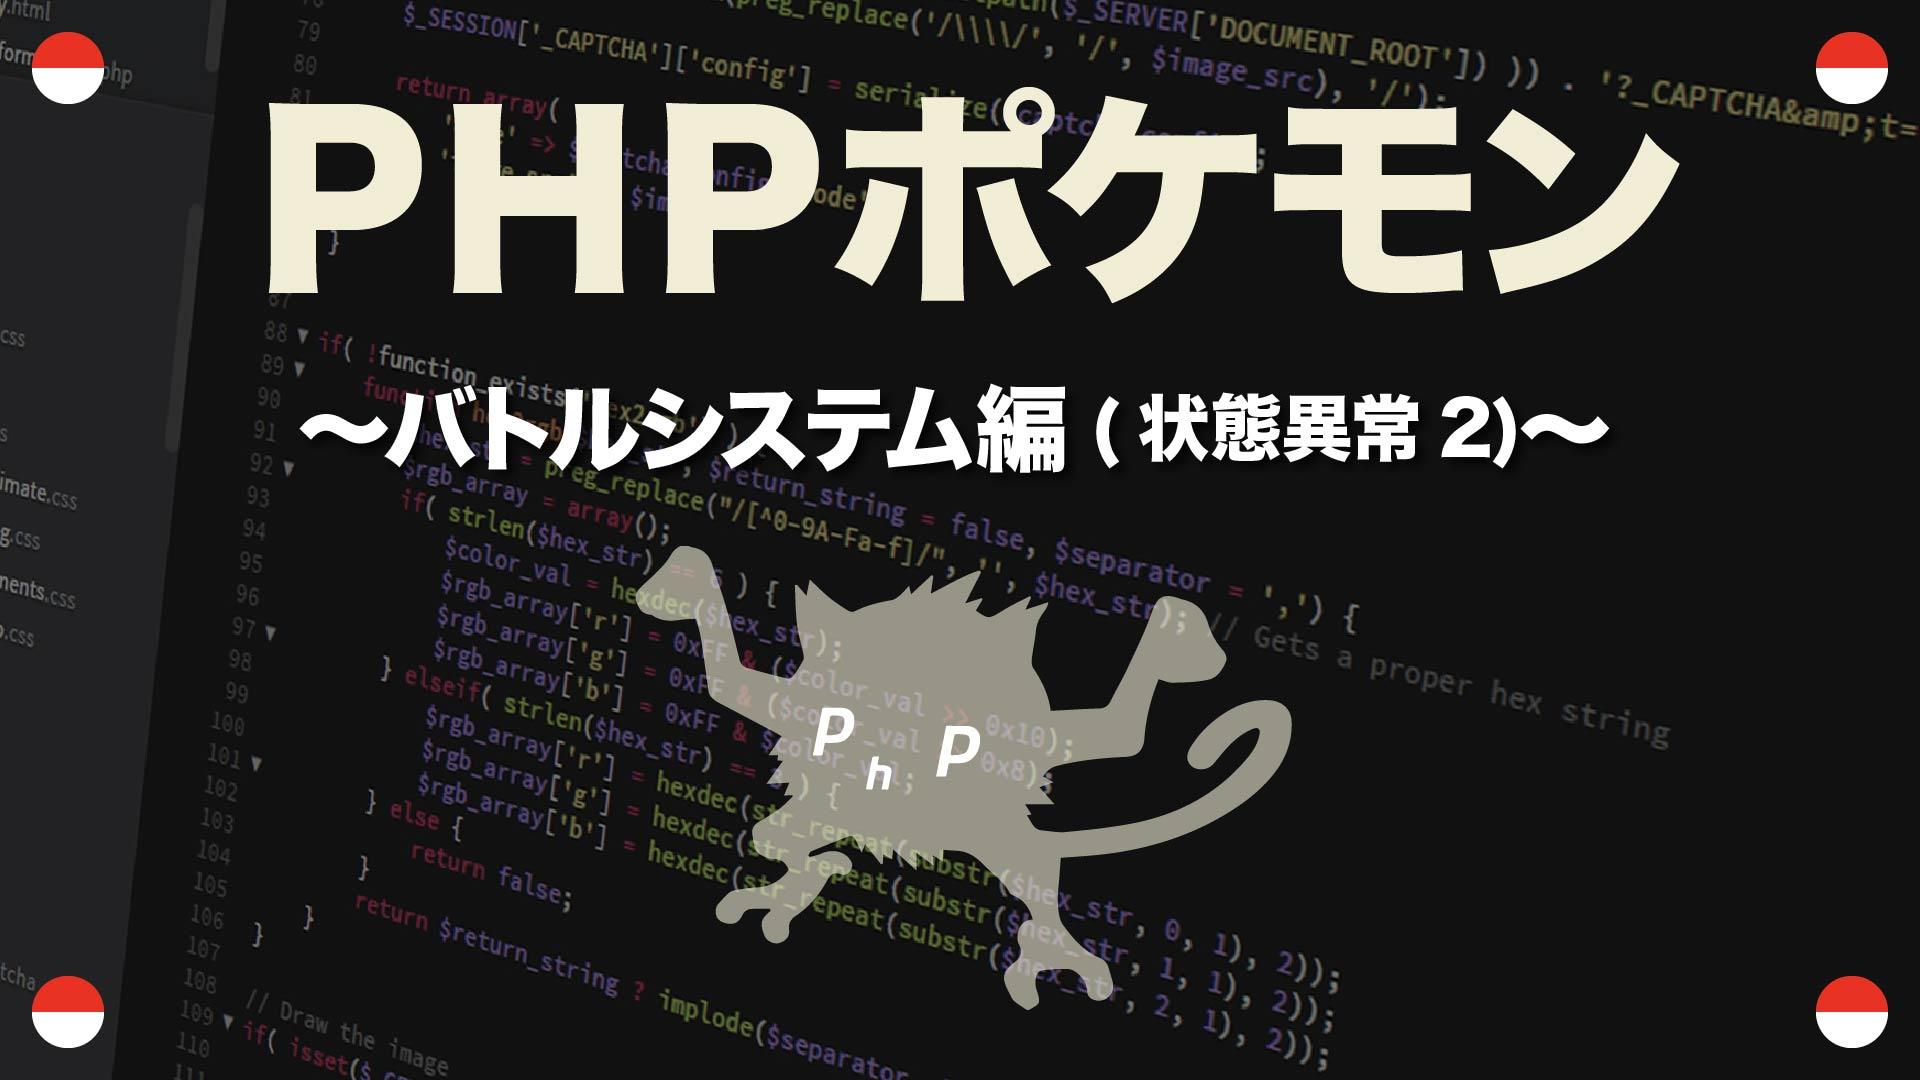 PHPポケモン「バトルシステム編〜状態異常2〜」31